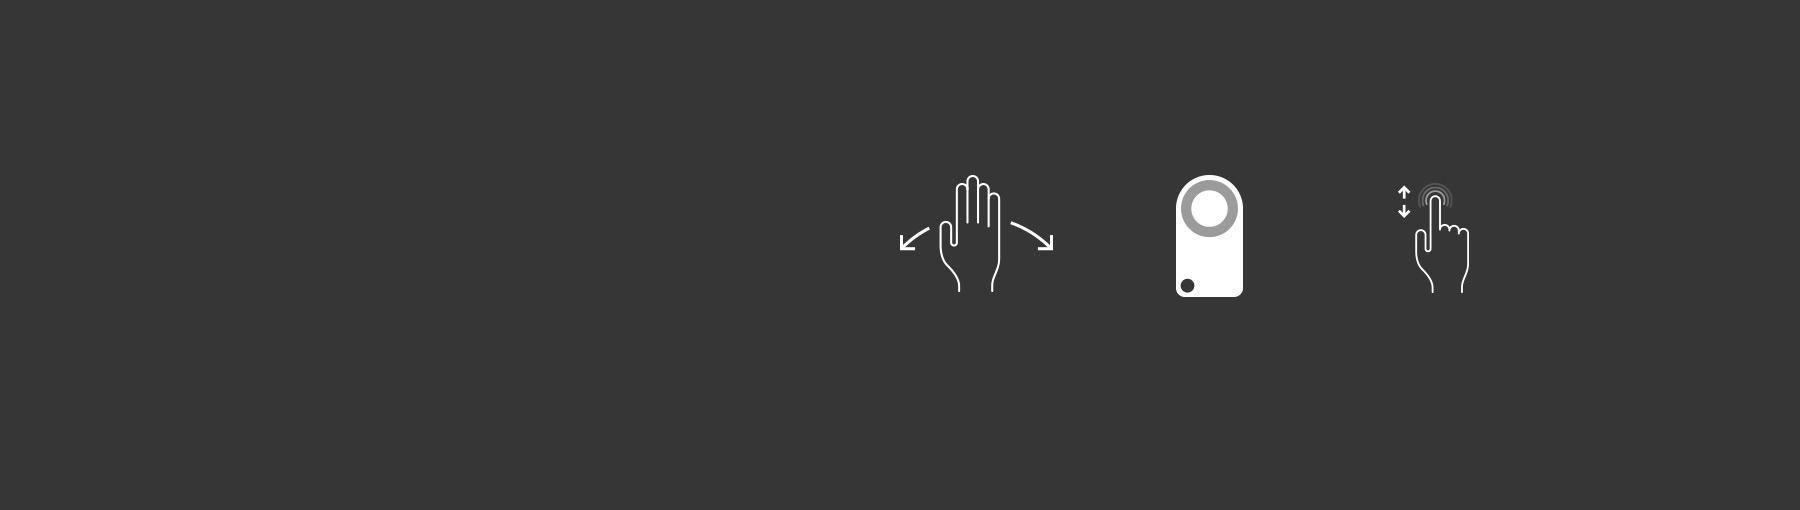 OPPO N3  206° de choix<br />Rotation transparente